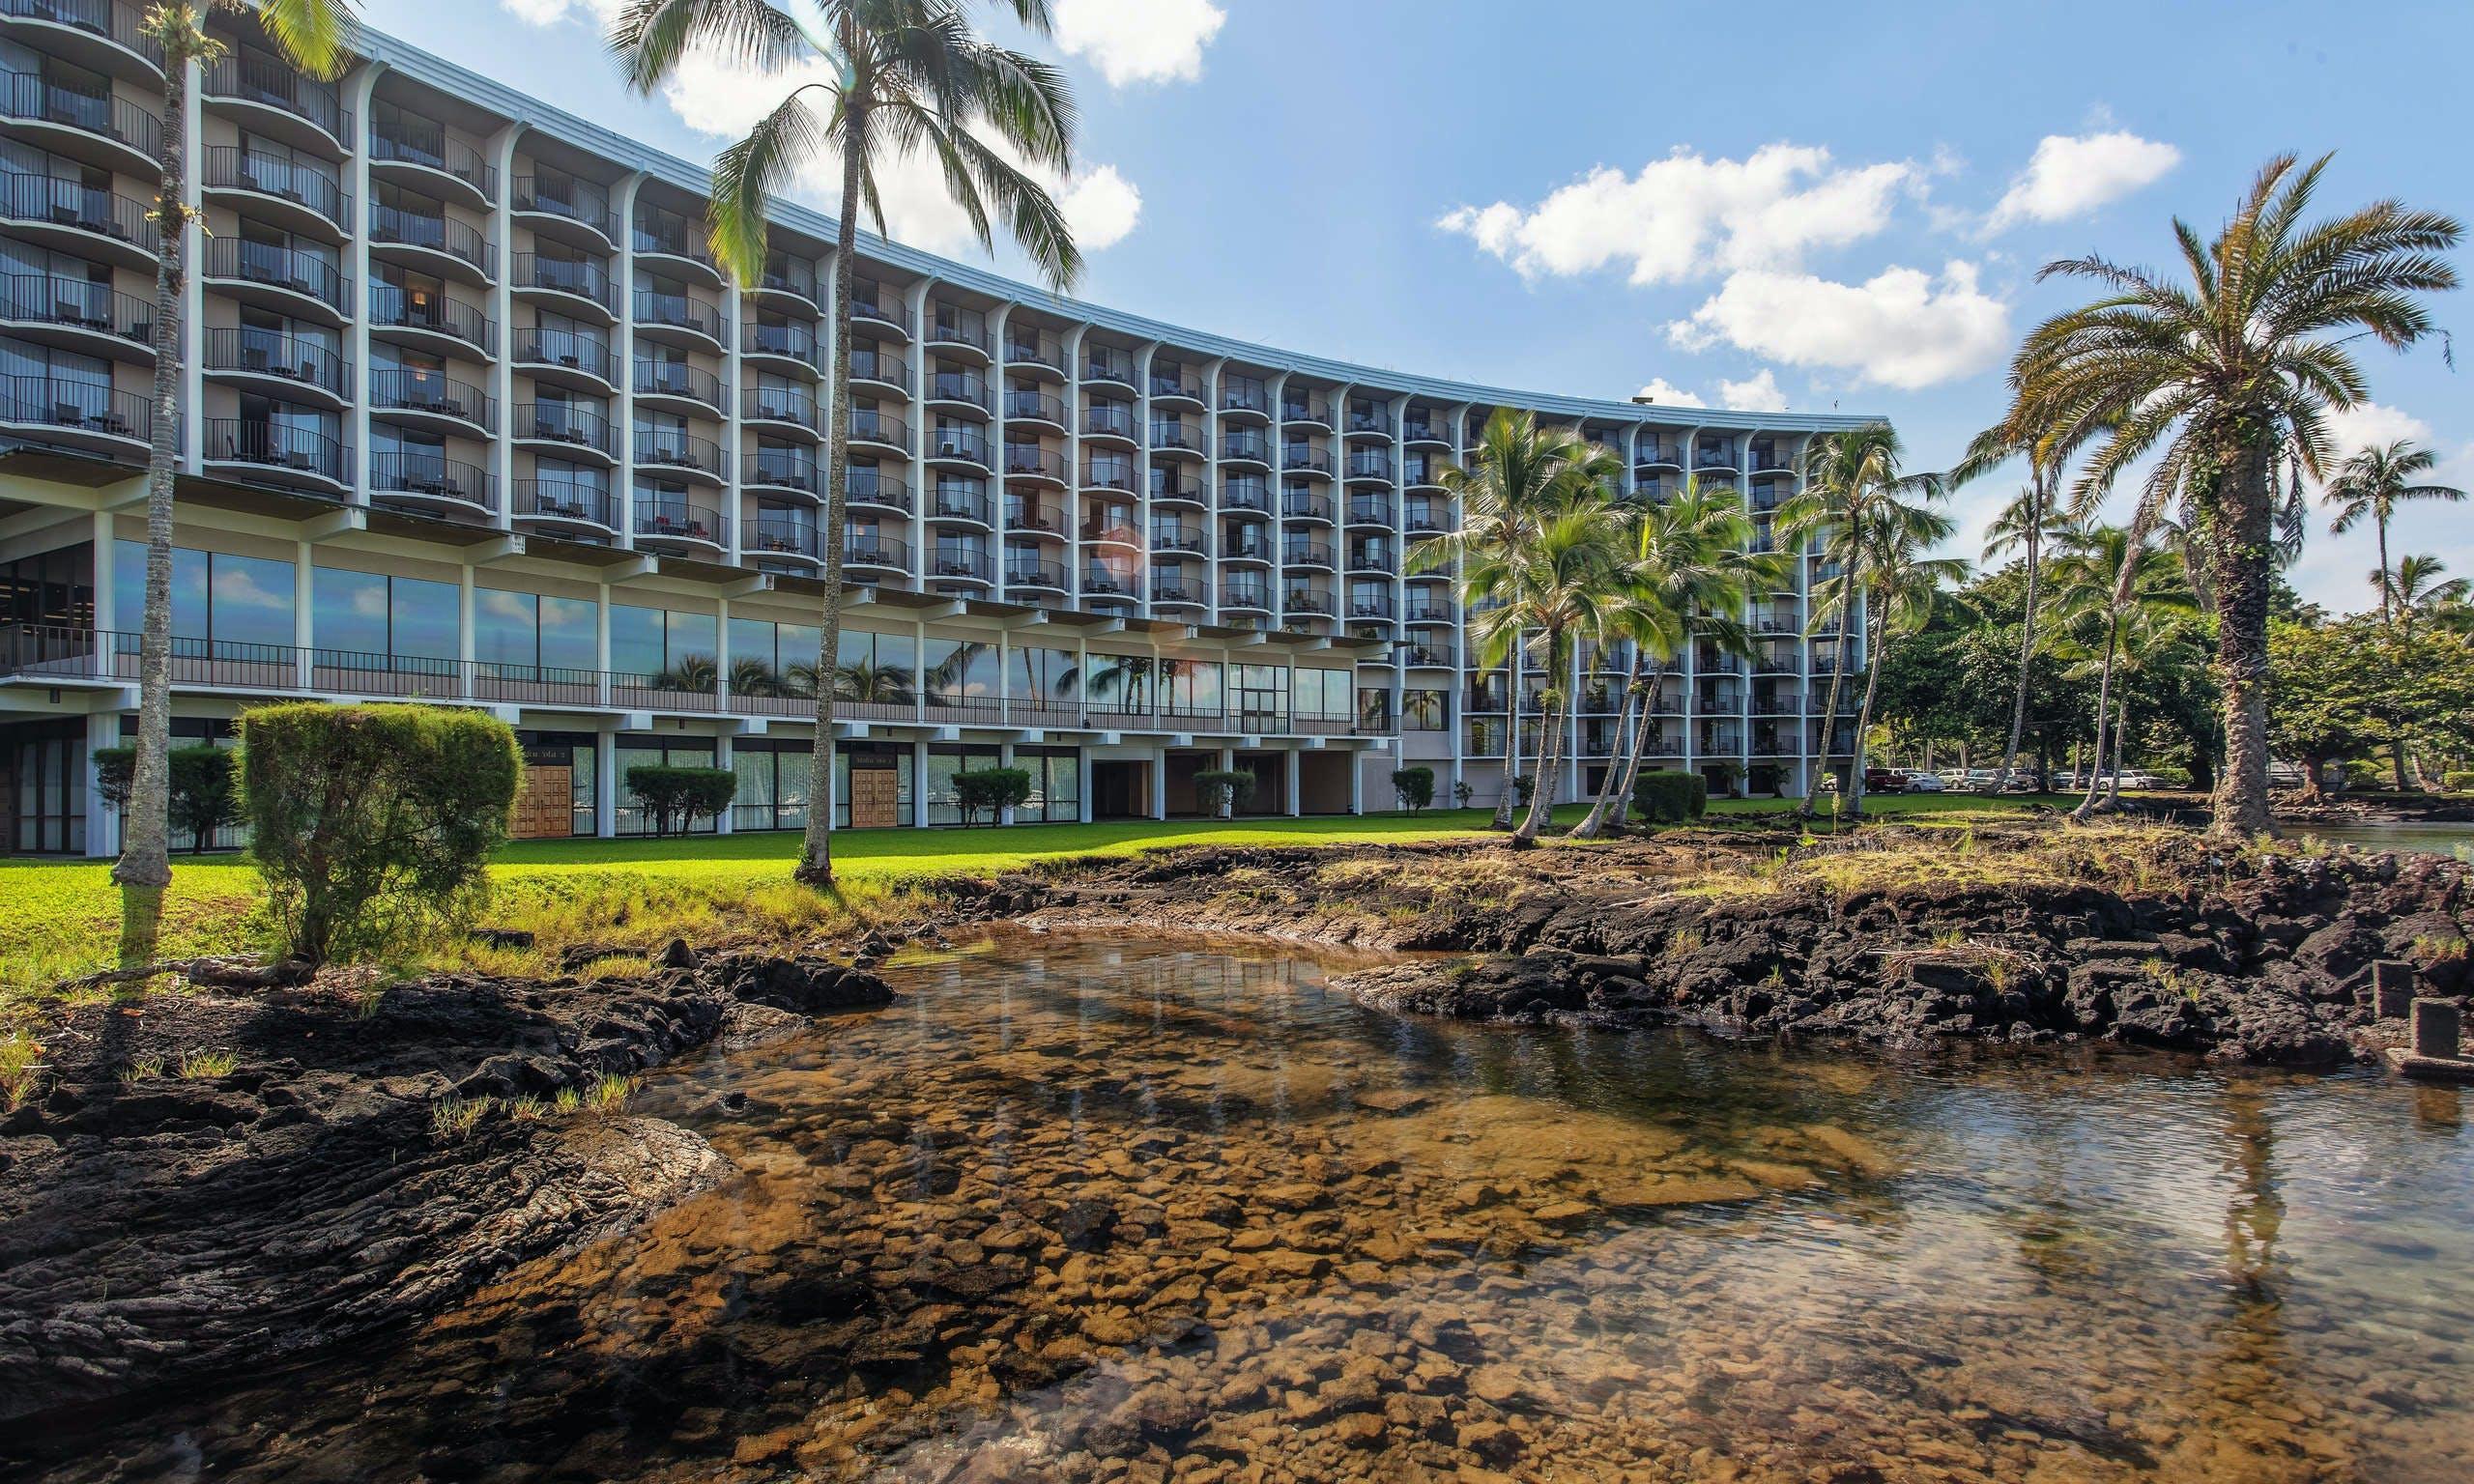 Hotels in Kailua-Kona